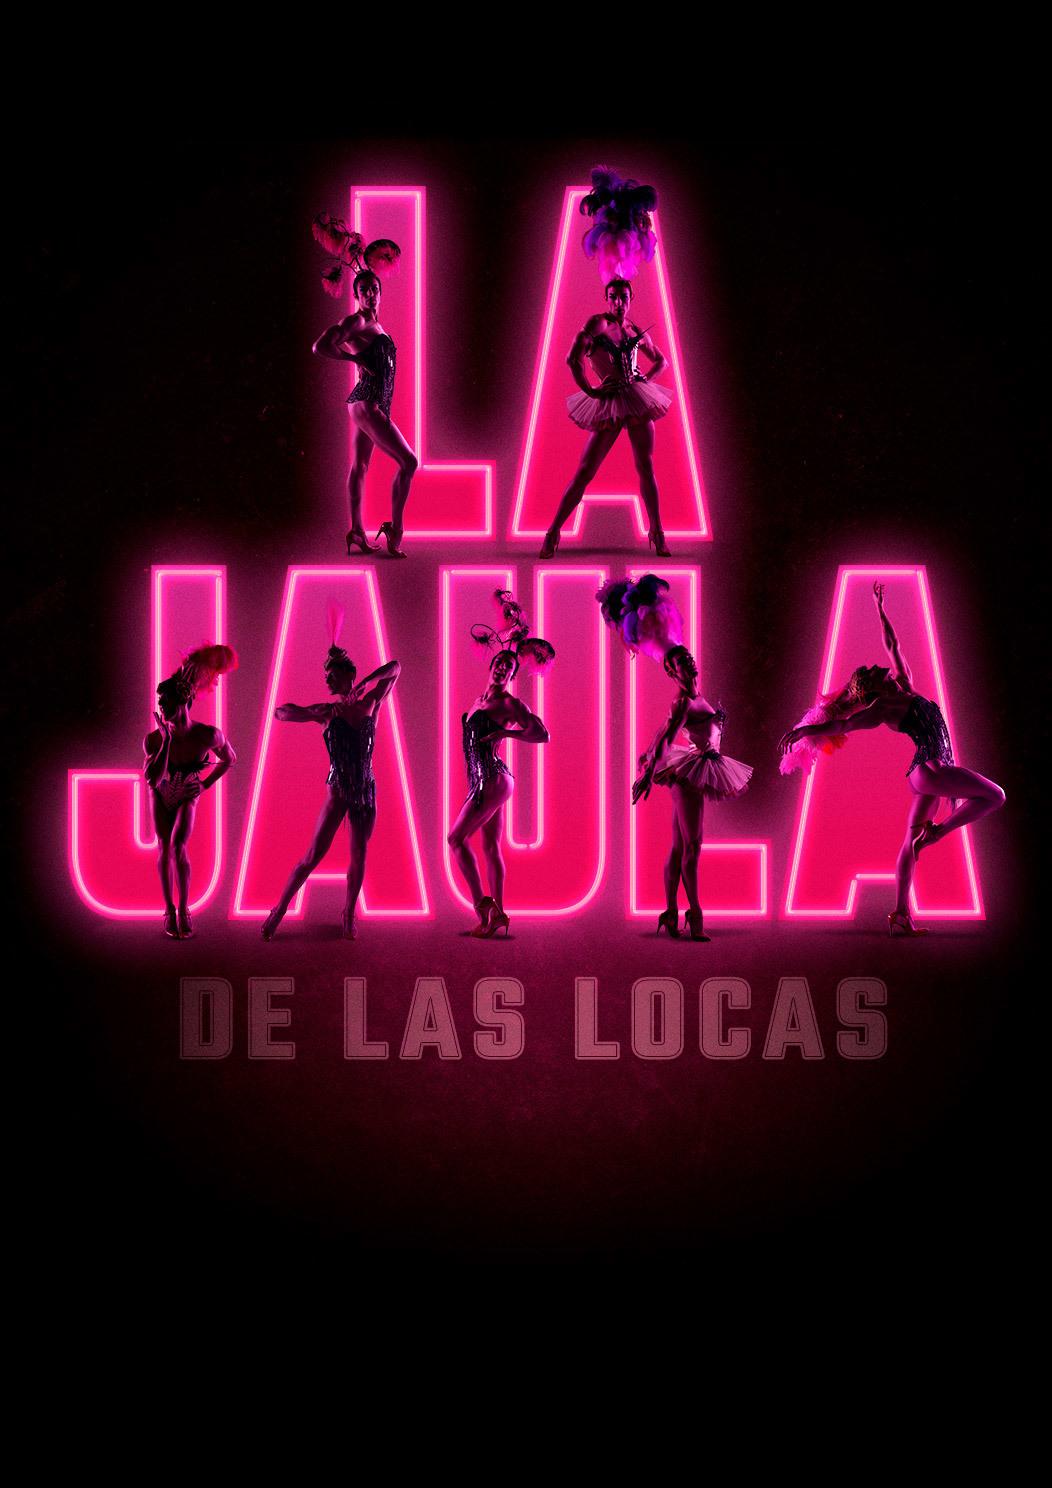 LA JAULA DE LAS LOCAS se estrena en el Teatro T voli de Barcelona el pr ximo 20 de septiembre